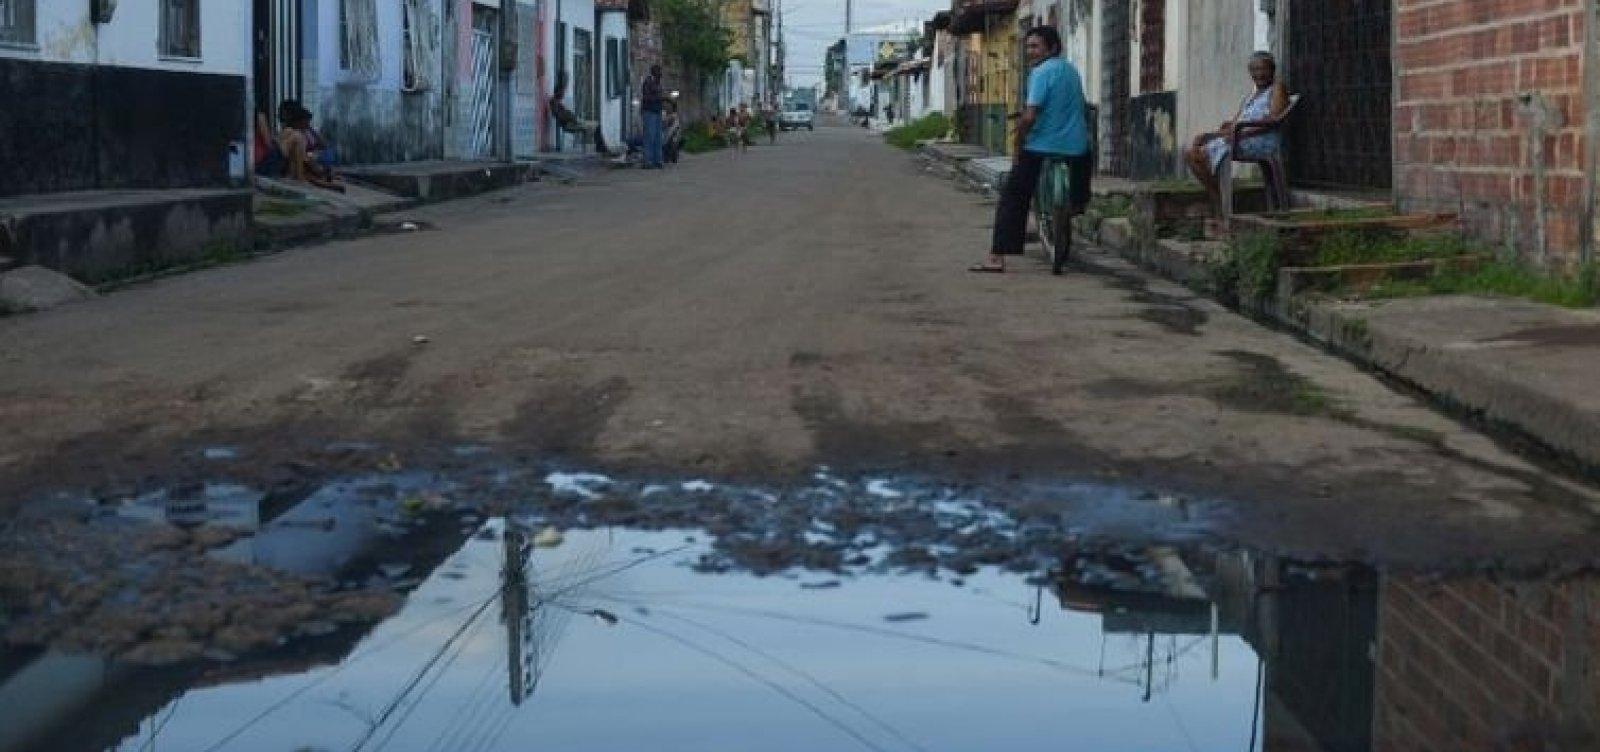 [Senado aprova marco regulatório do saneamento que libera exploração privada]